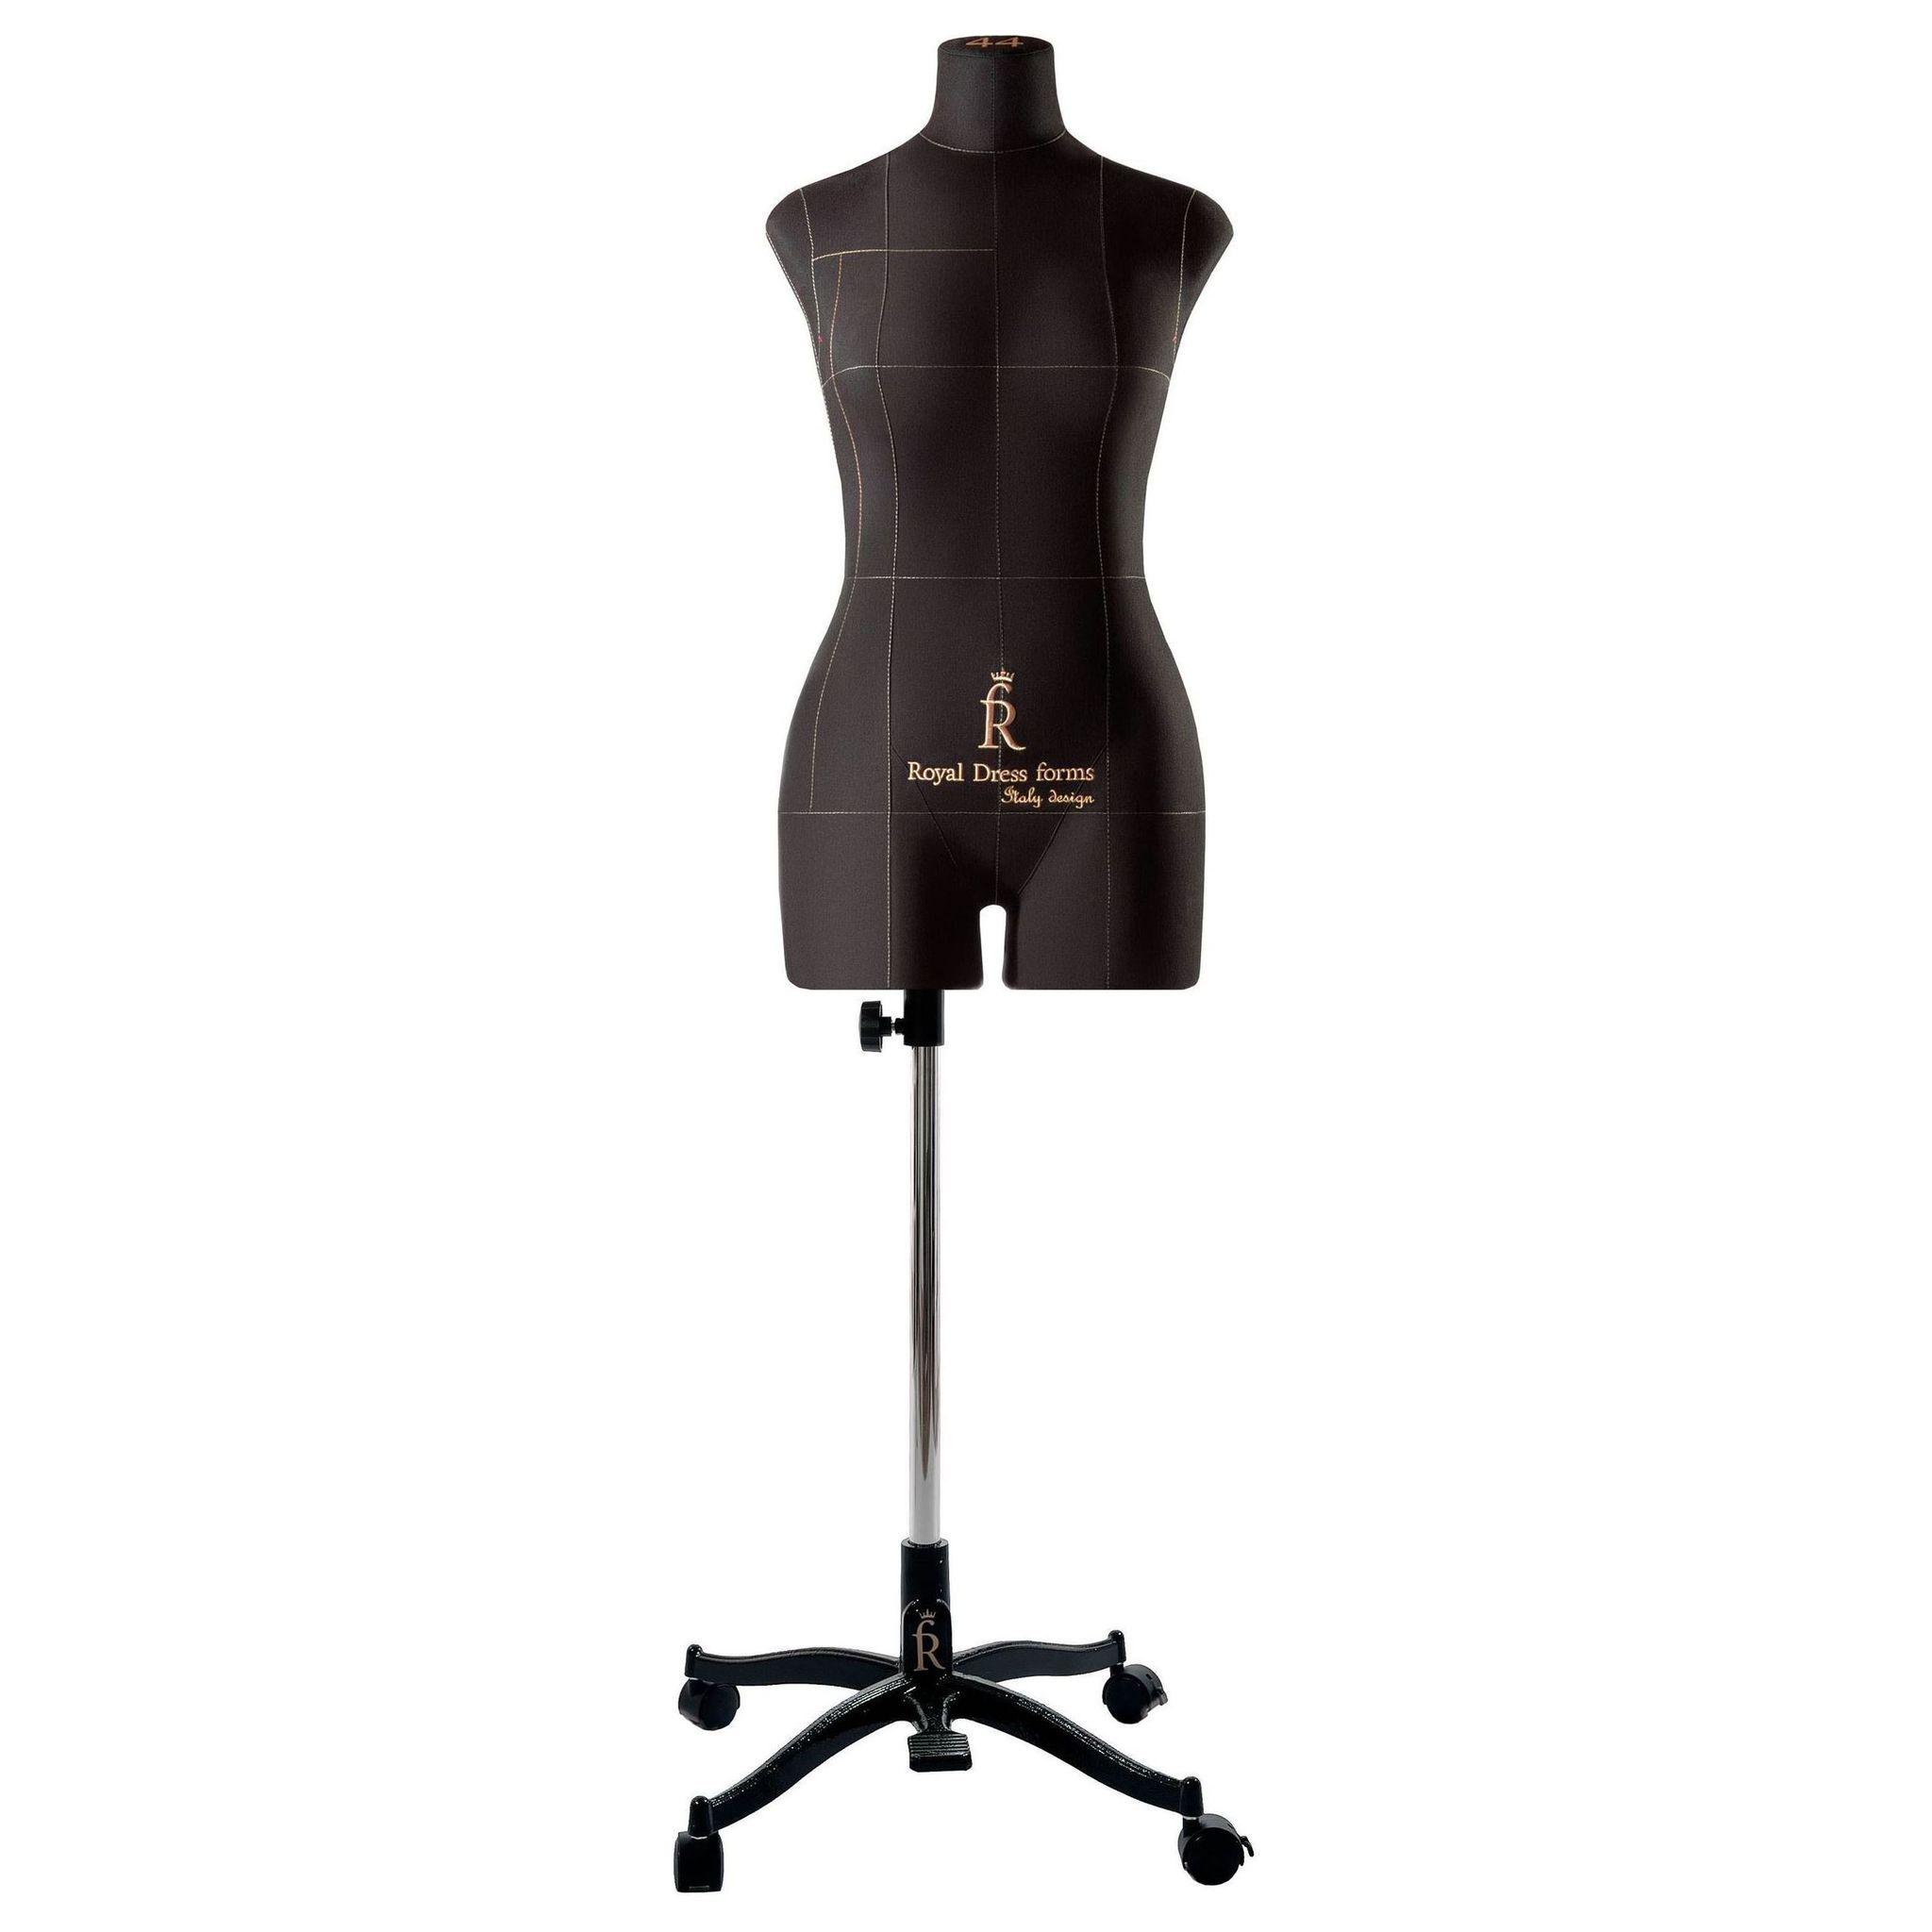 Манекен портновский Моника, комплект Про, размер 44, ЧерныйФото 3